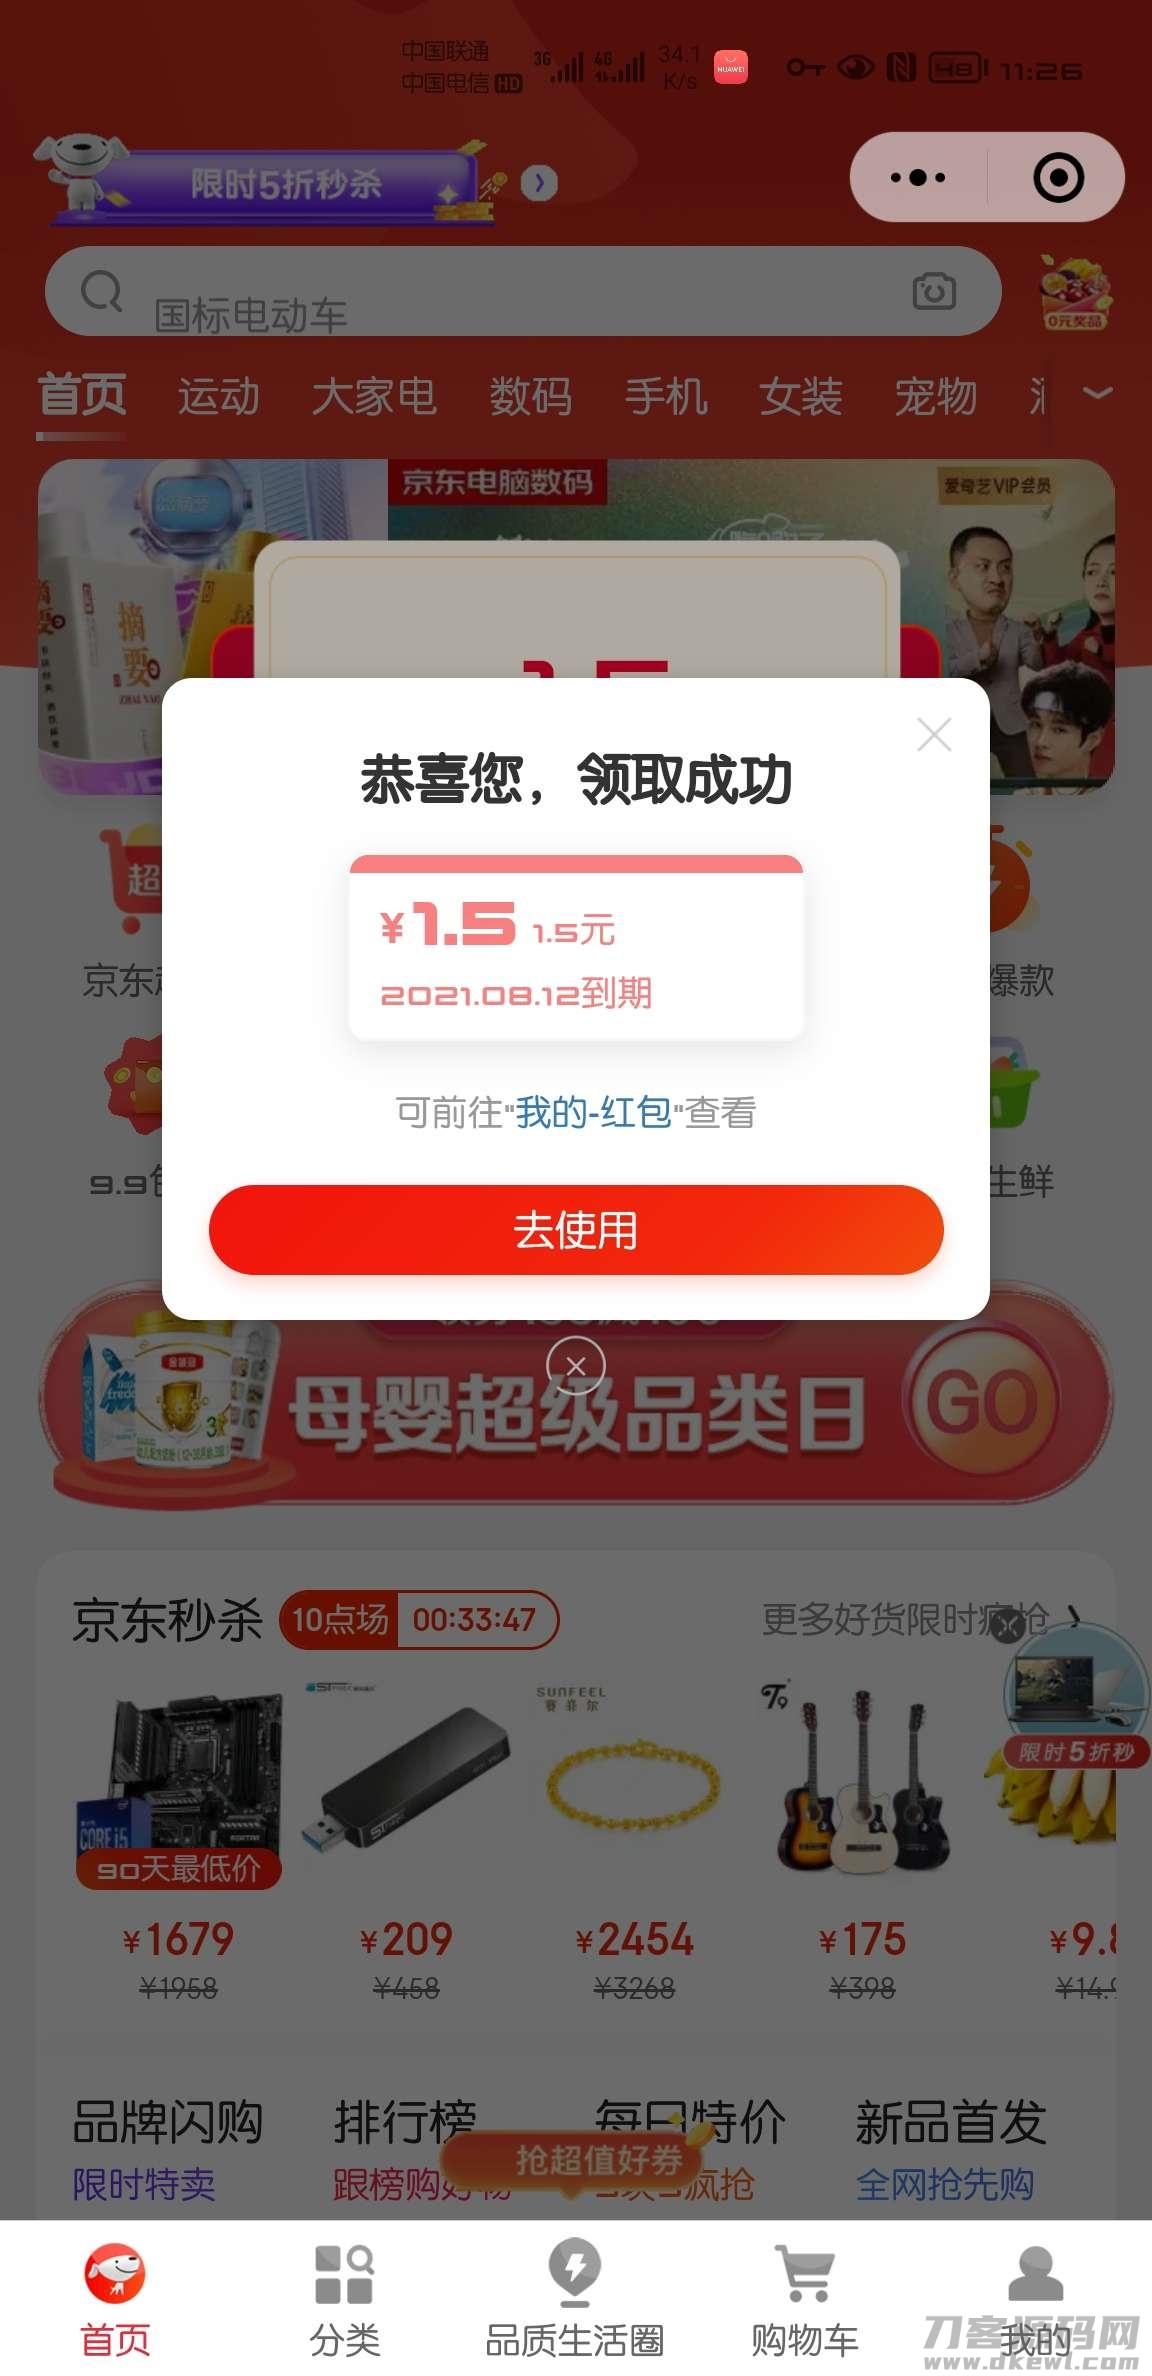 【虚拟商品】京东商城领1.5元无条件消费大红包秒到京东e卡包插图1